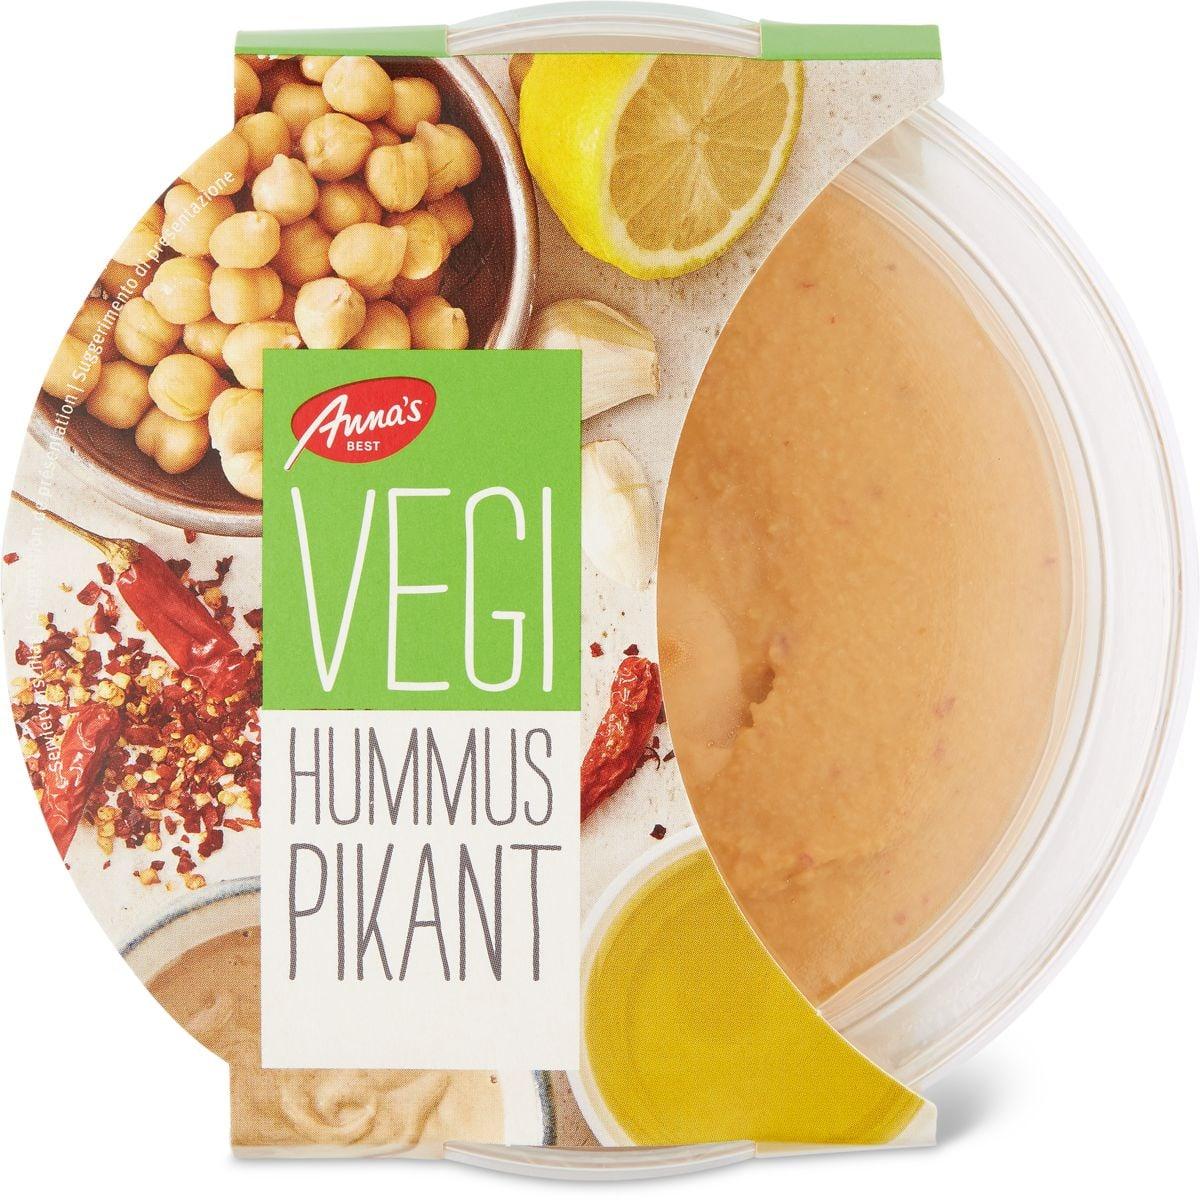 Anna's Best Vegi Hummus piquant